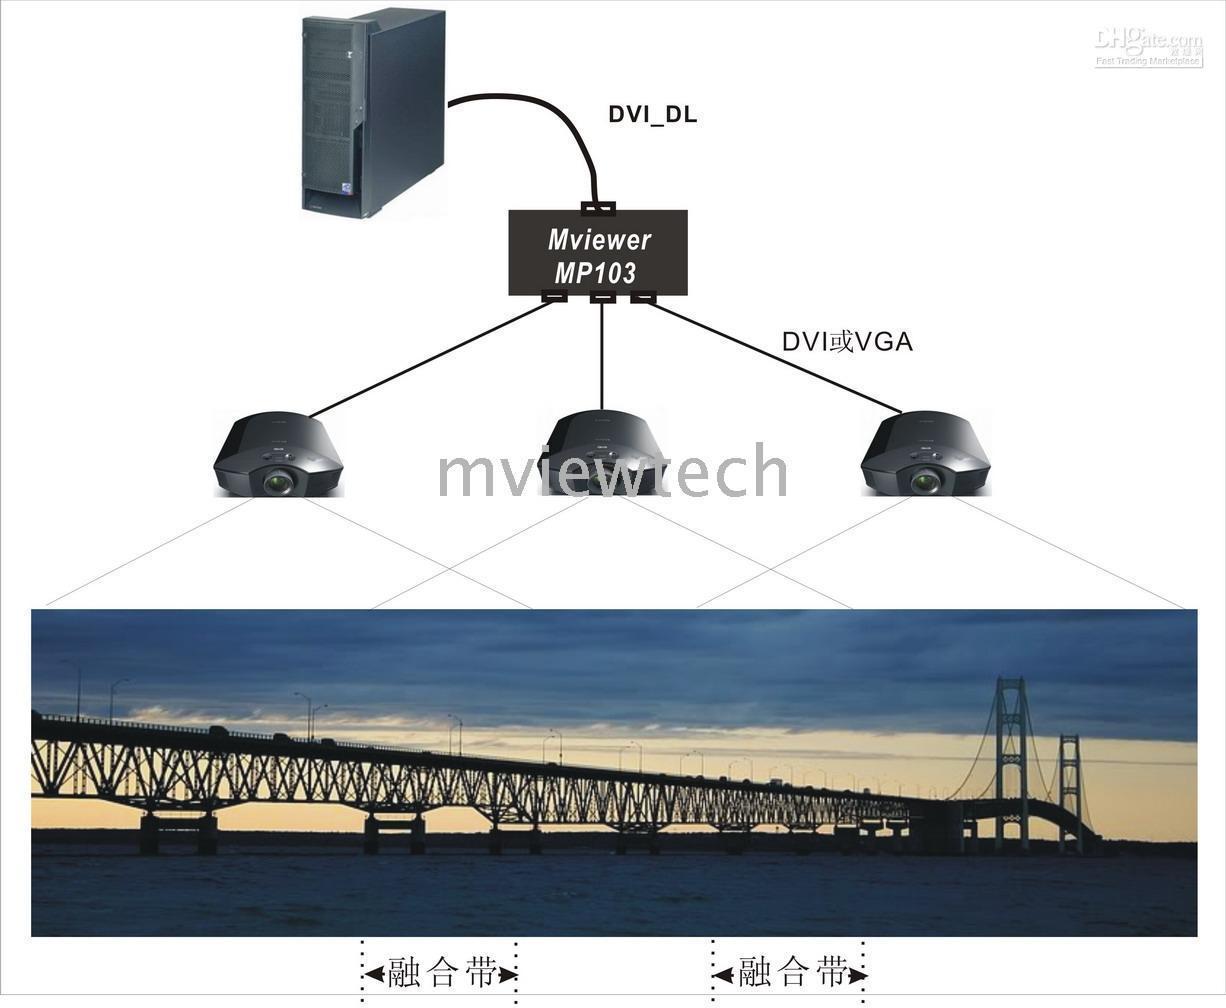 Wholesale MP103 DP Triple channel Projector hardware edge blending unit